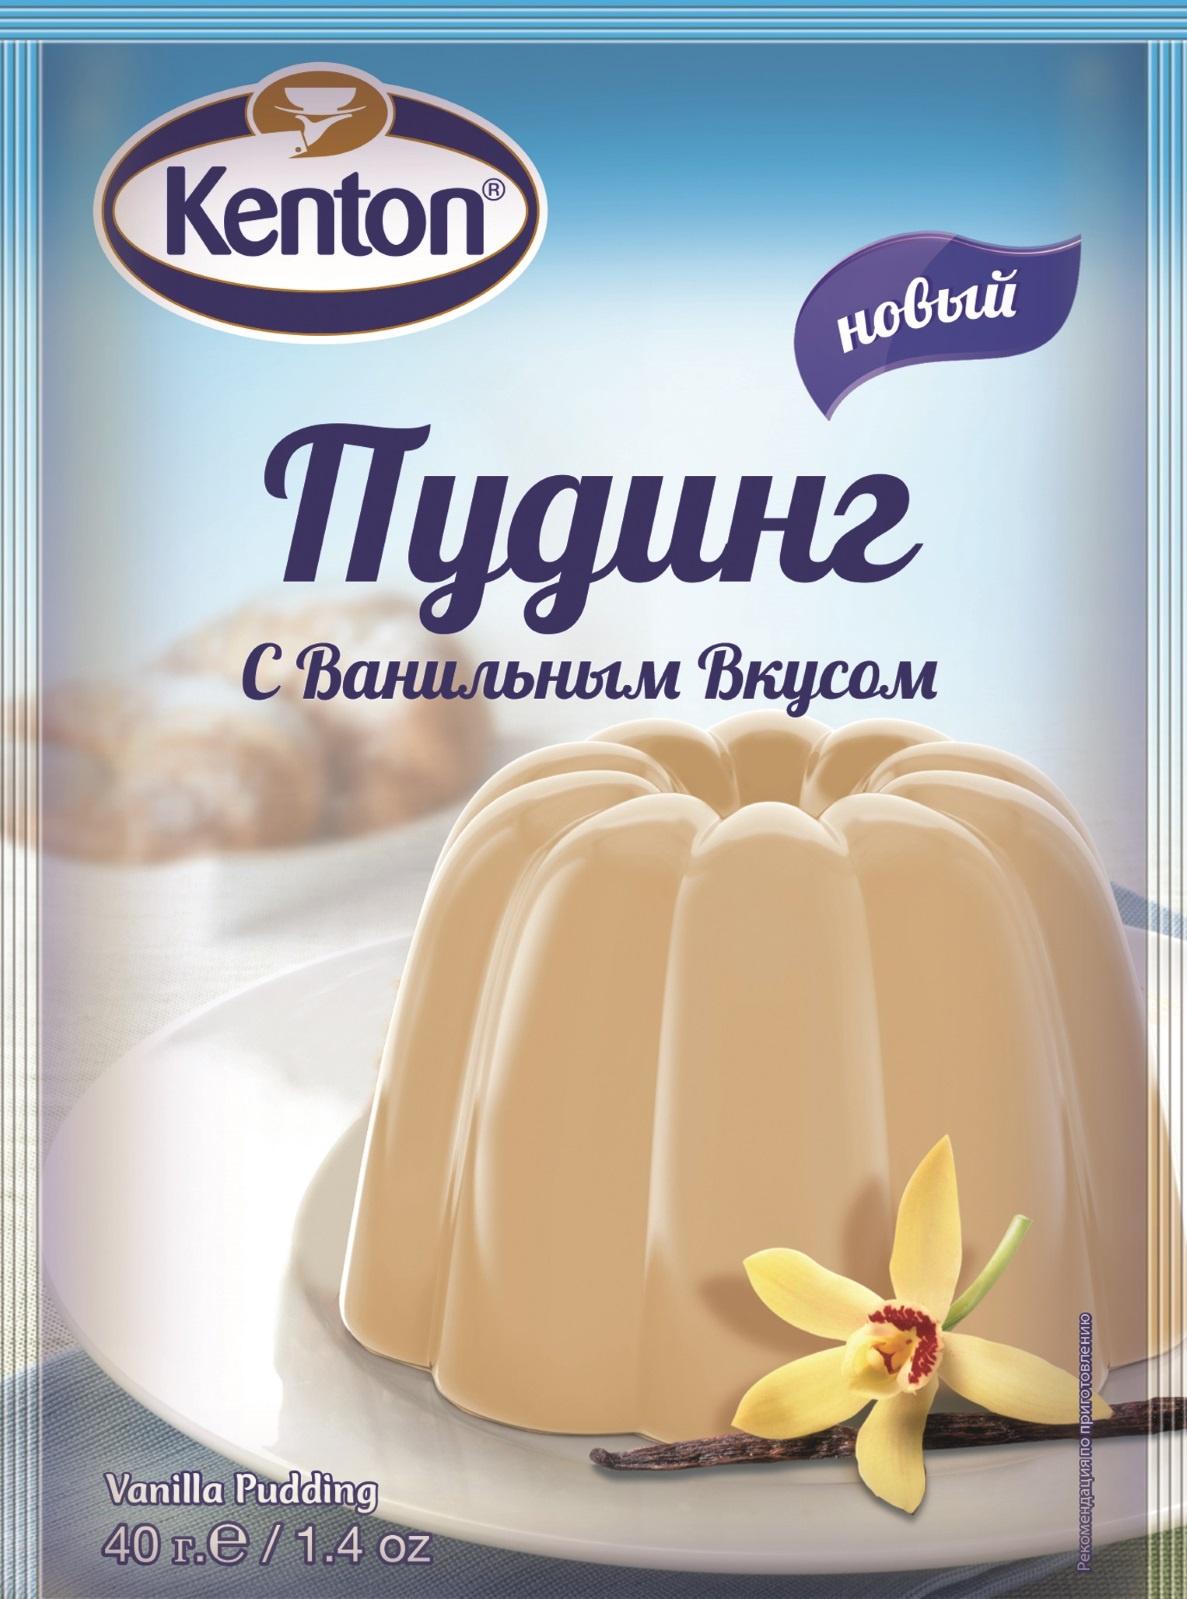 Смесь для выпечки KENTON пудинг с ванильным вкусом, 40 смесь для выпечки почти печенье матча шоколад кокос 370 г